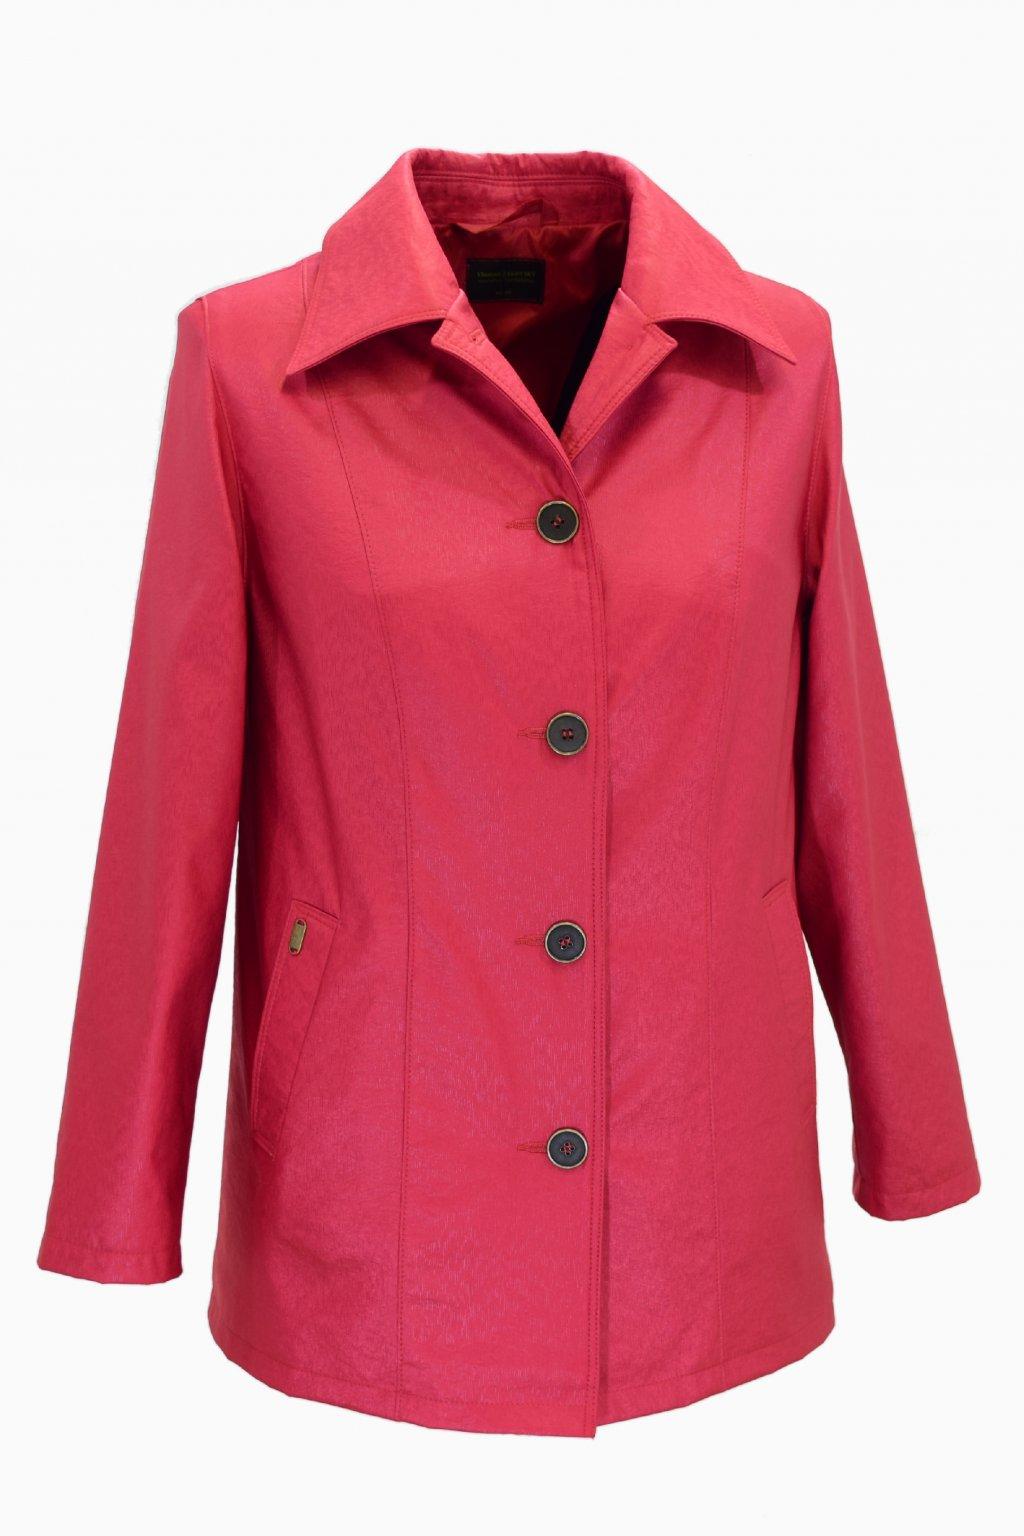 Dámský jarní červený kabátek Květa nadměrné velikosti.